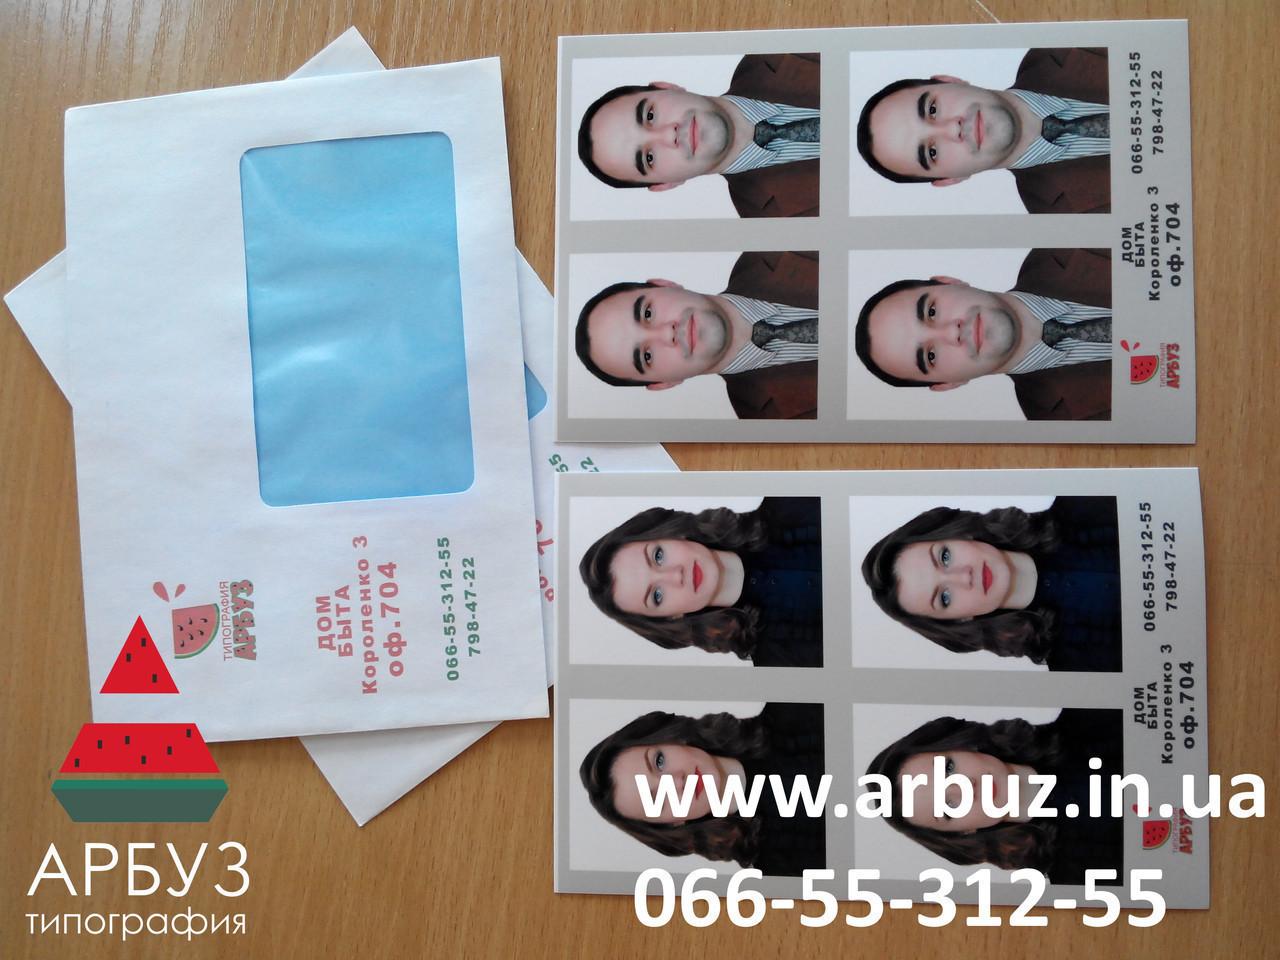 Срочное фото на документы Днепропетровск